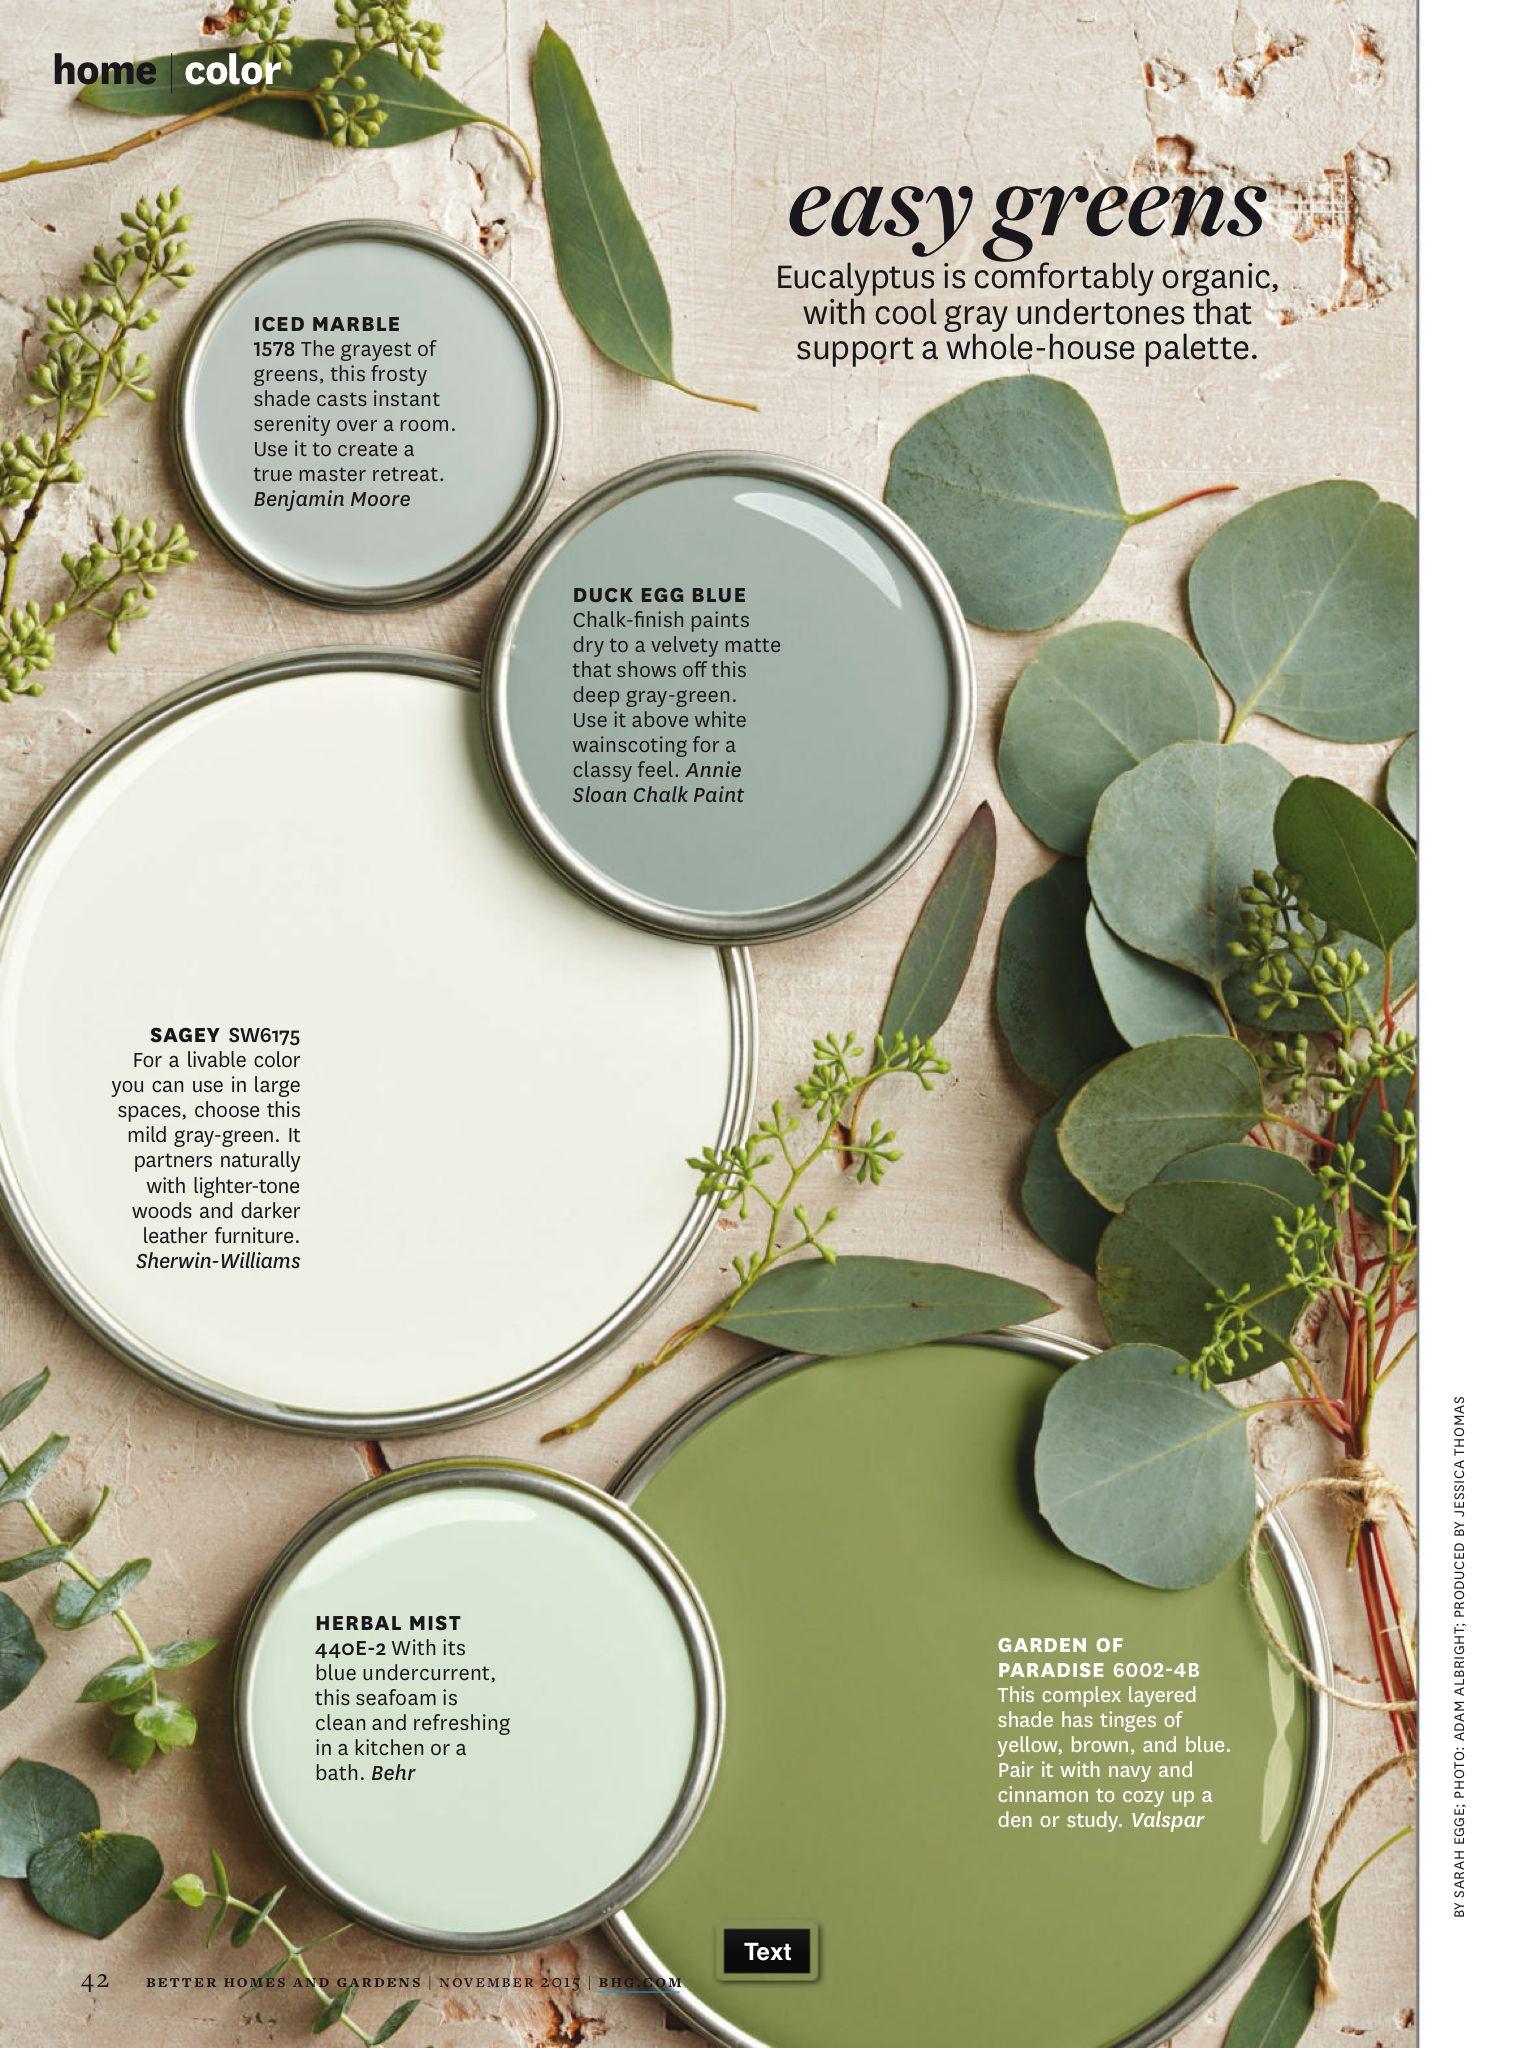 Couleur verte tendance pour peinture tons eucalyptus - Colors that go with sage green ...